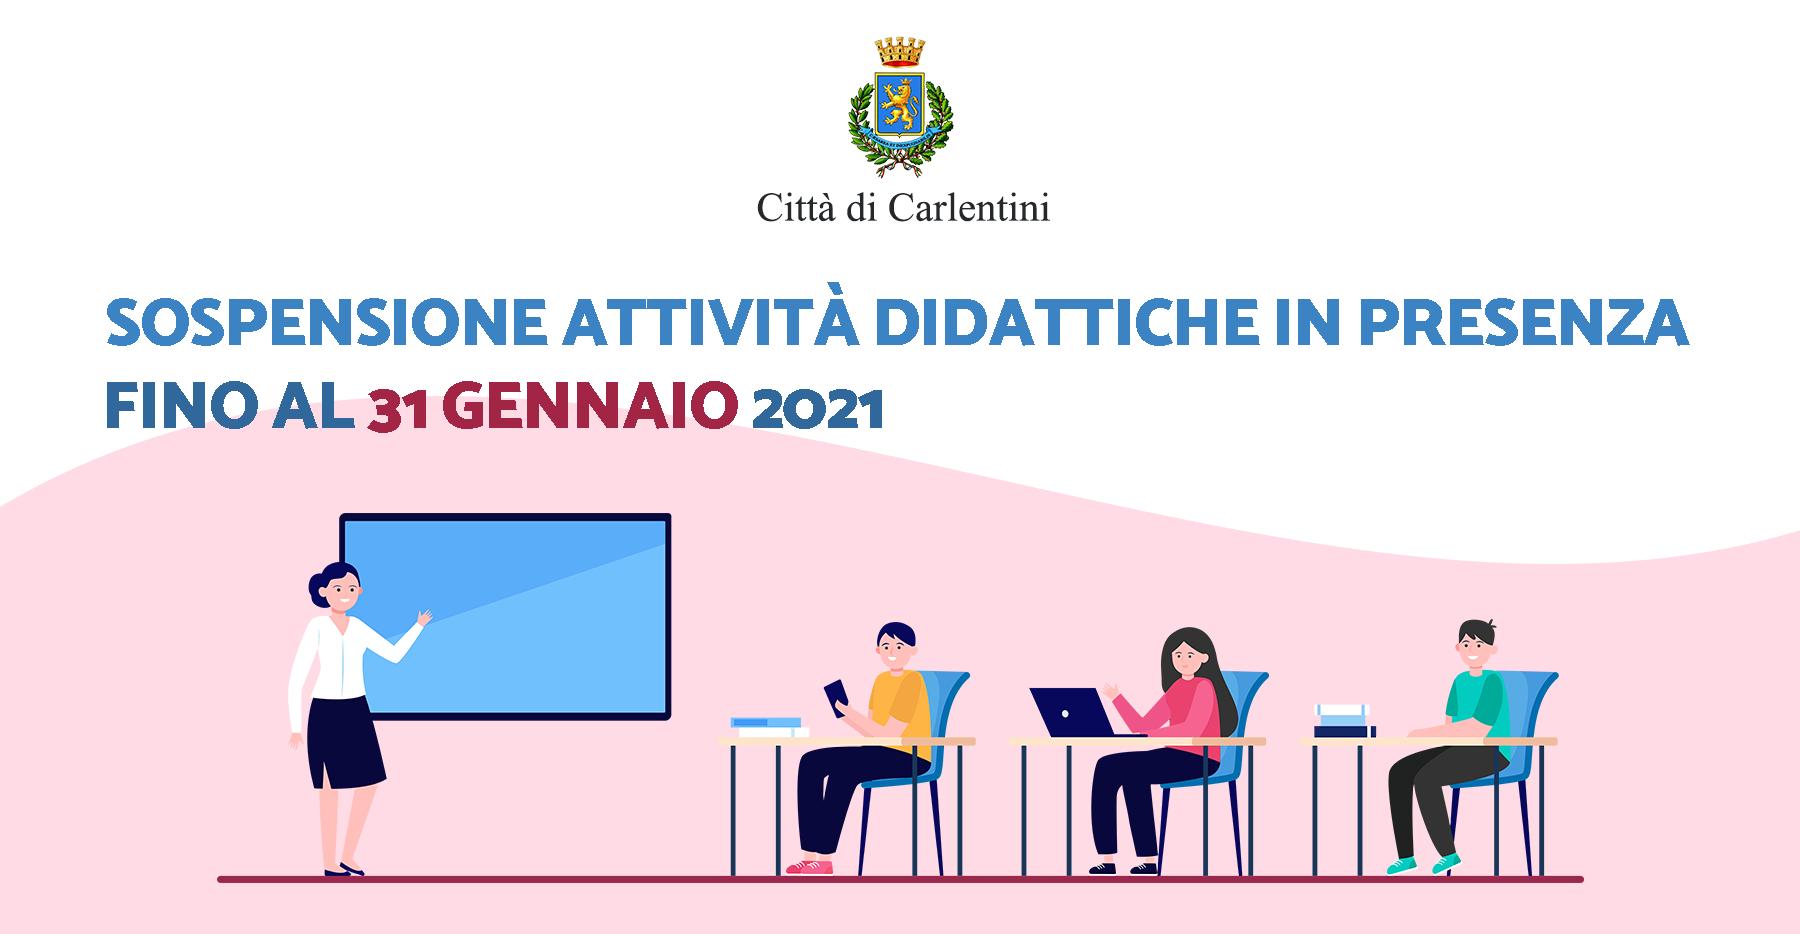 Sospensione attività didattiche: proroga fino al 31 gennaio 2021